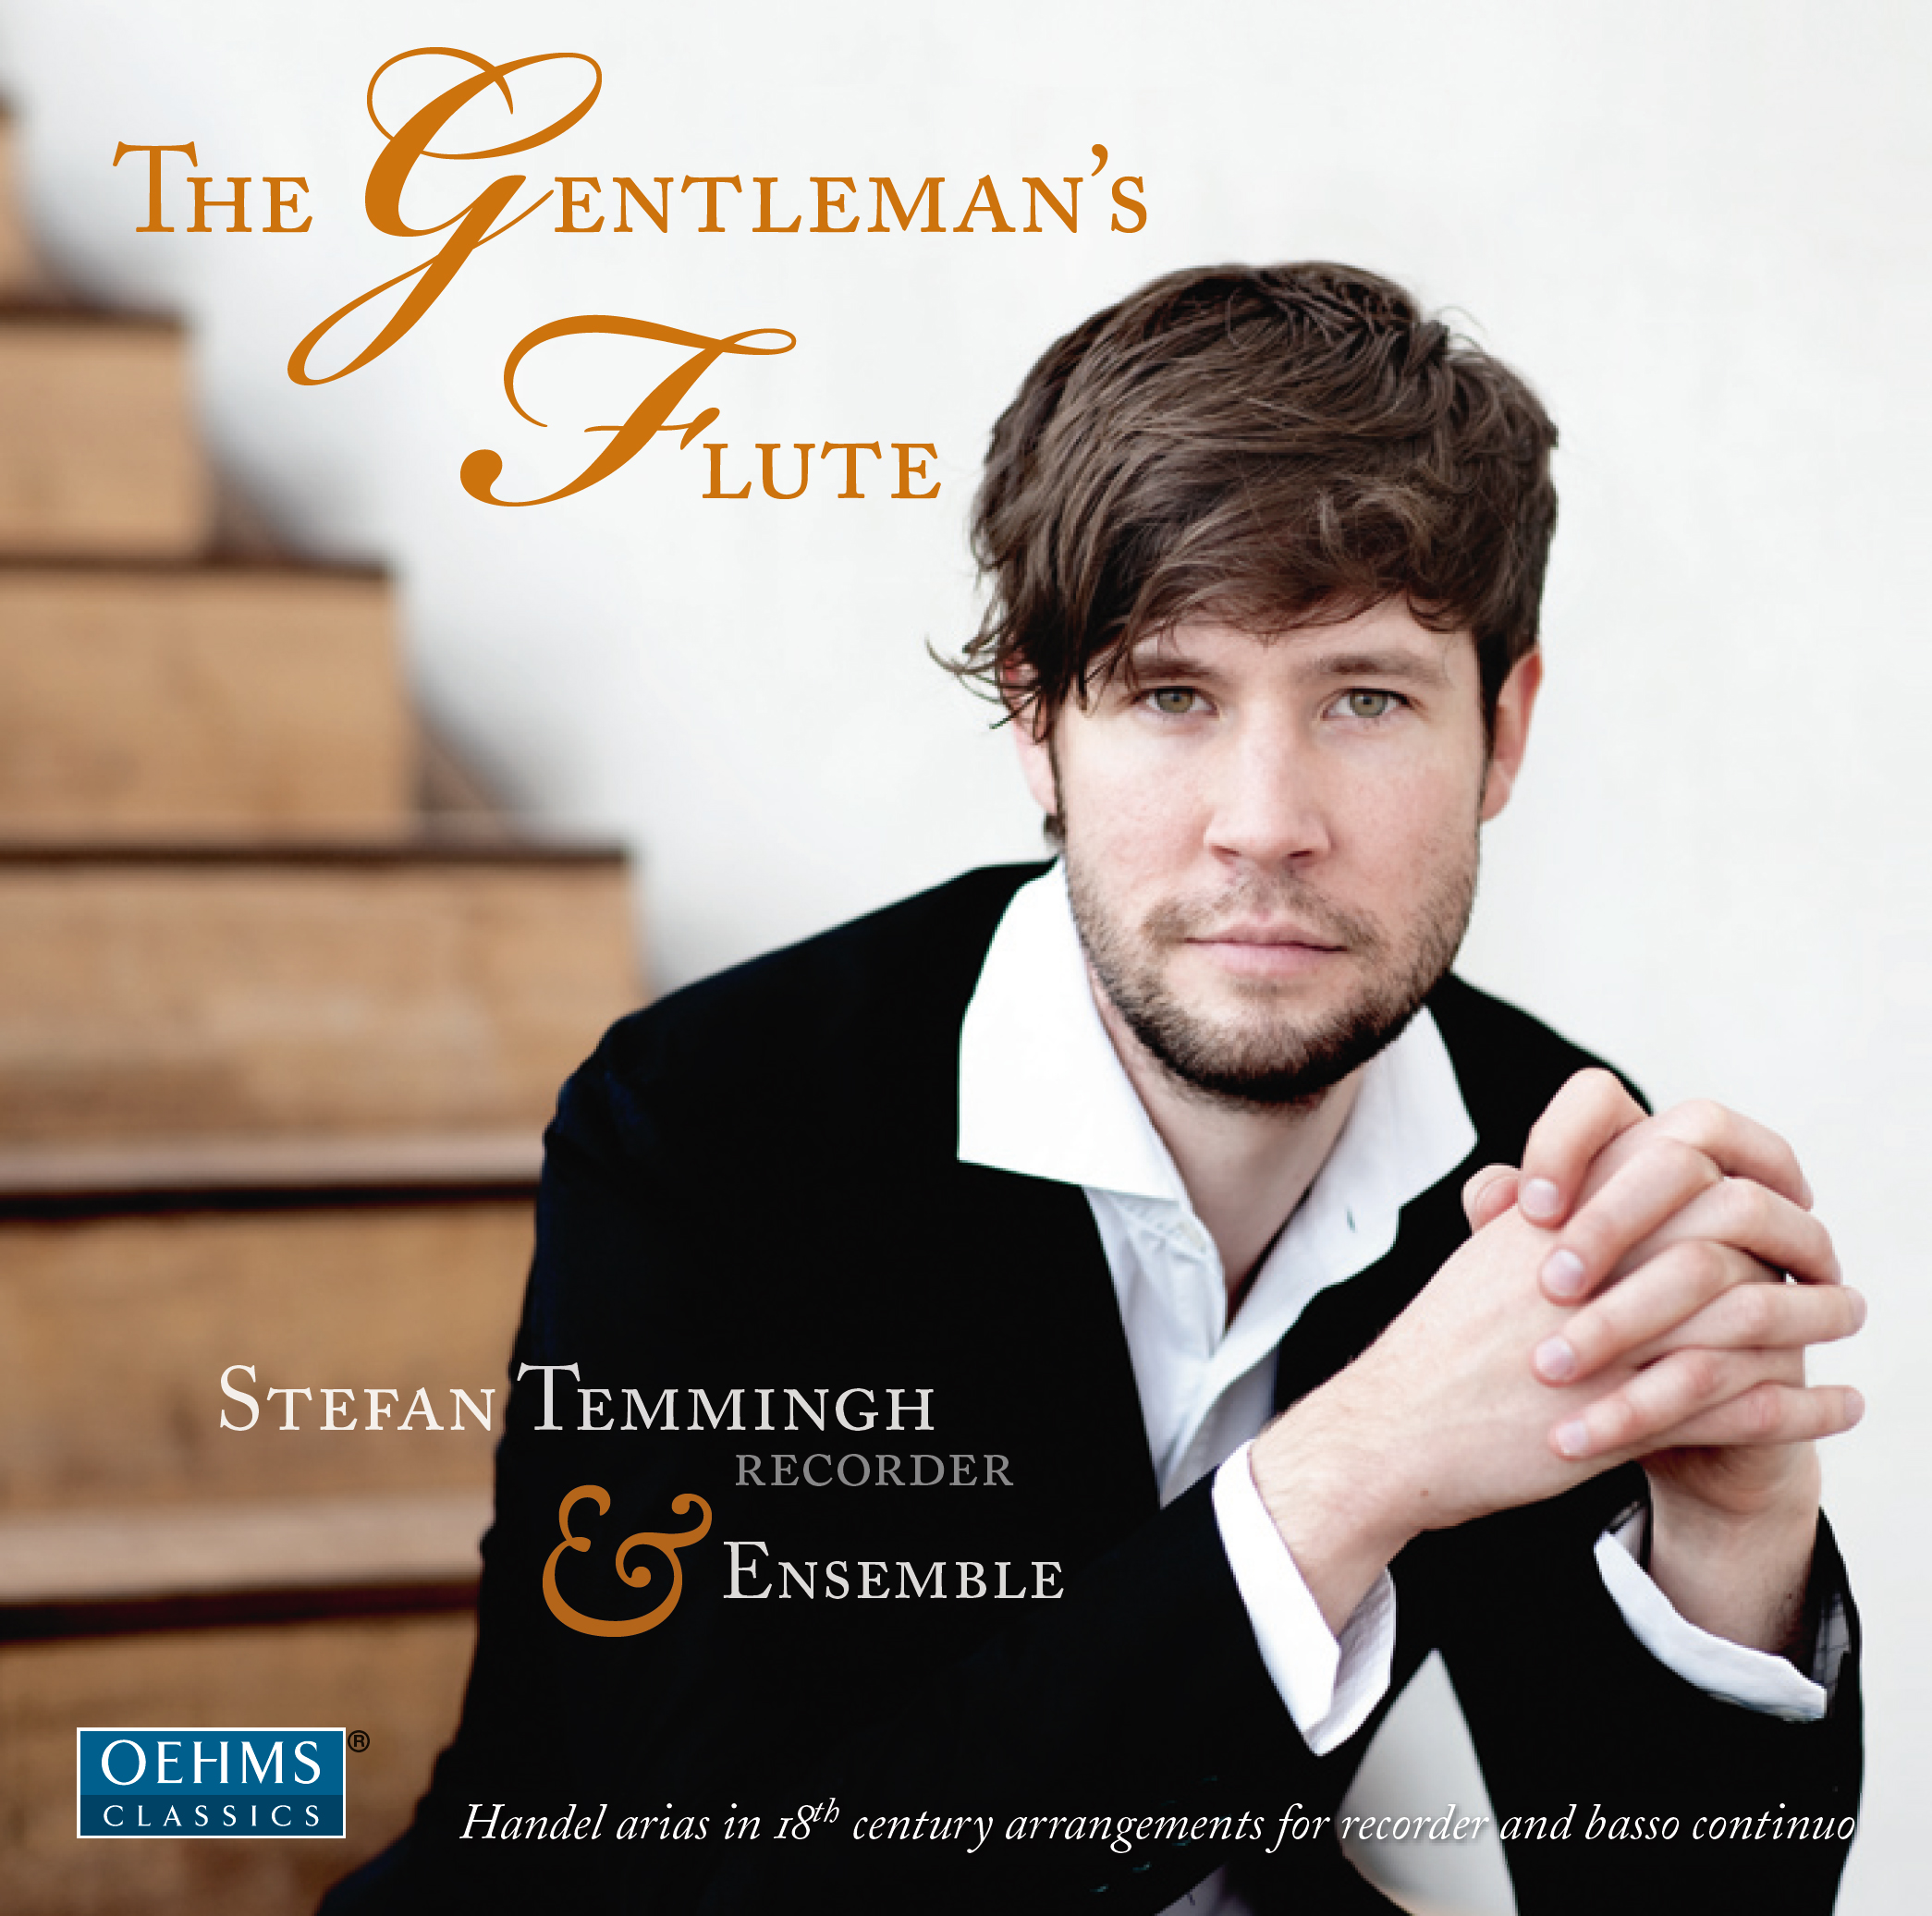 Stefan Temmingh